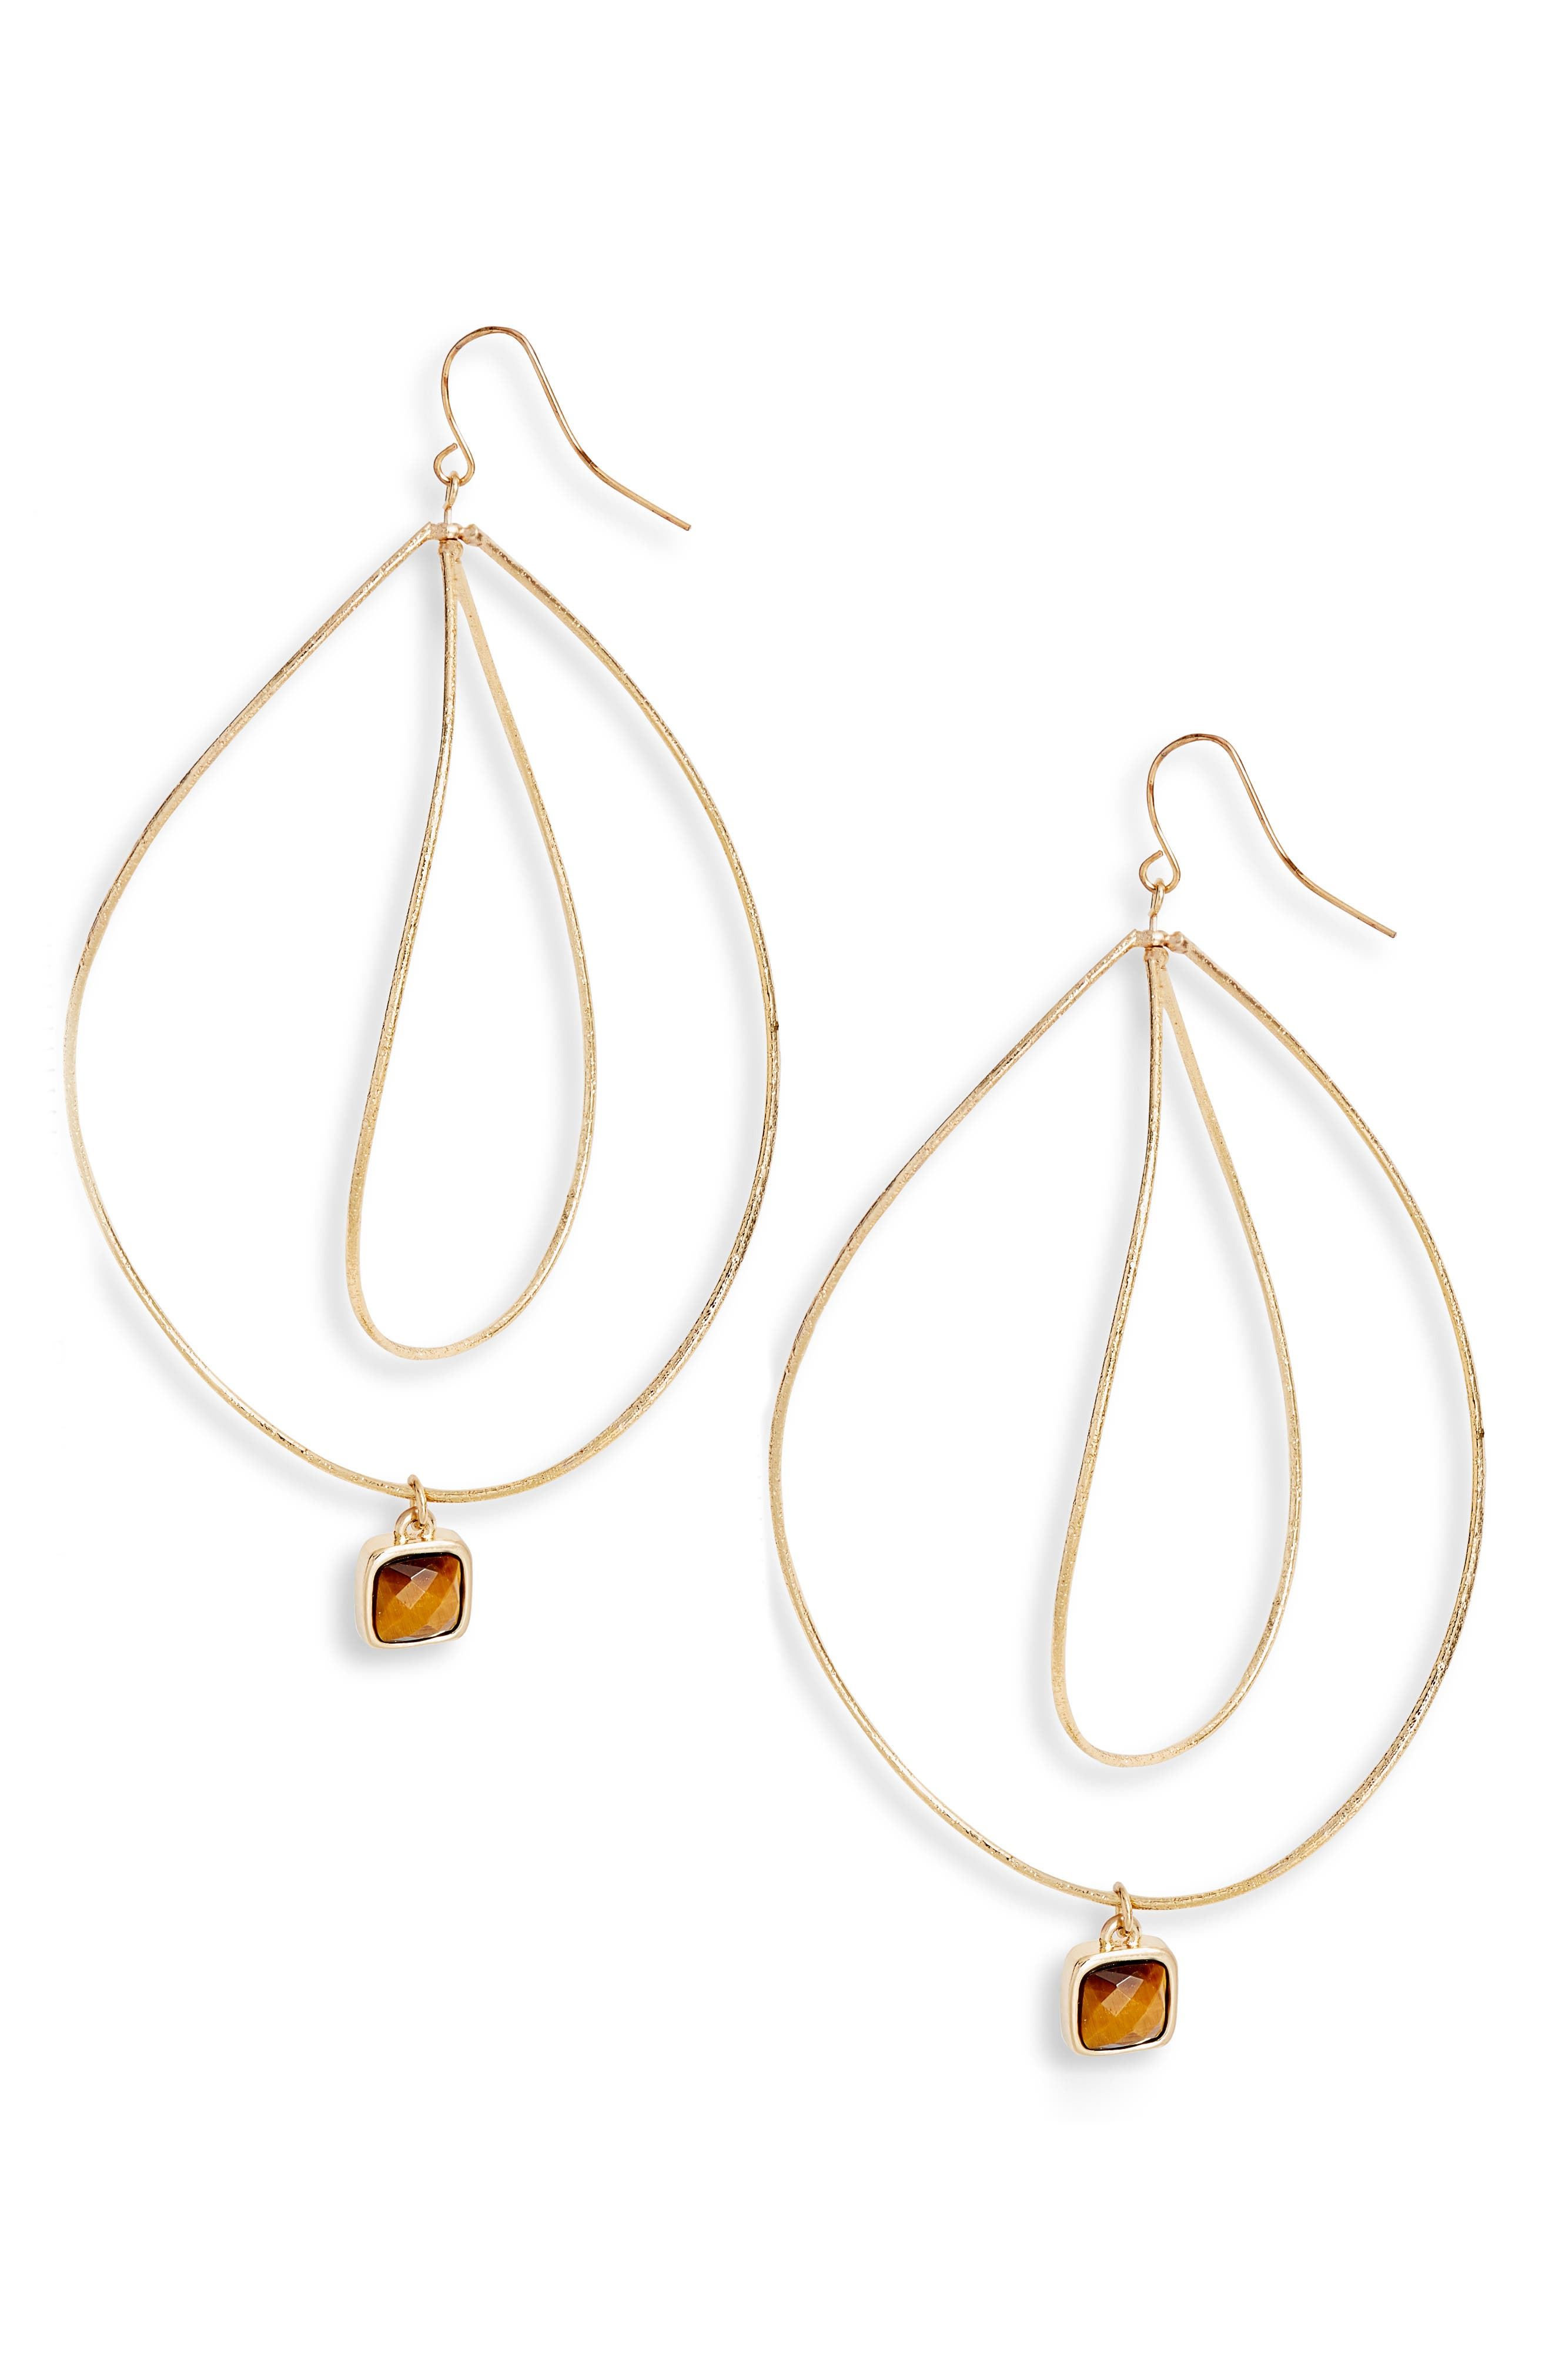 ELISE M. Viola Wave Crystal Drop Earrings in Gold/ Tigers Eye